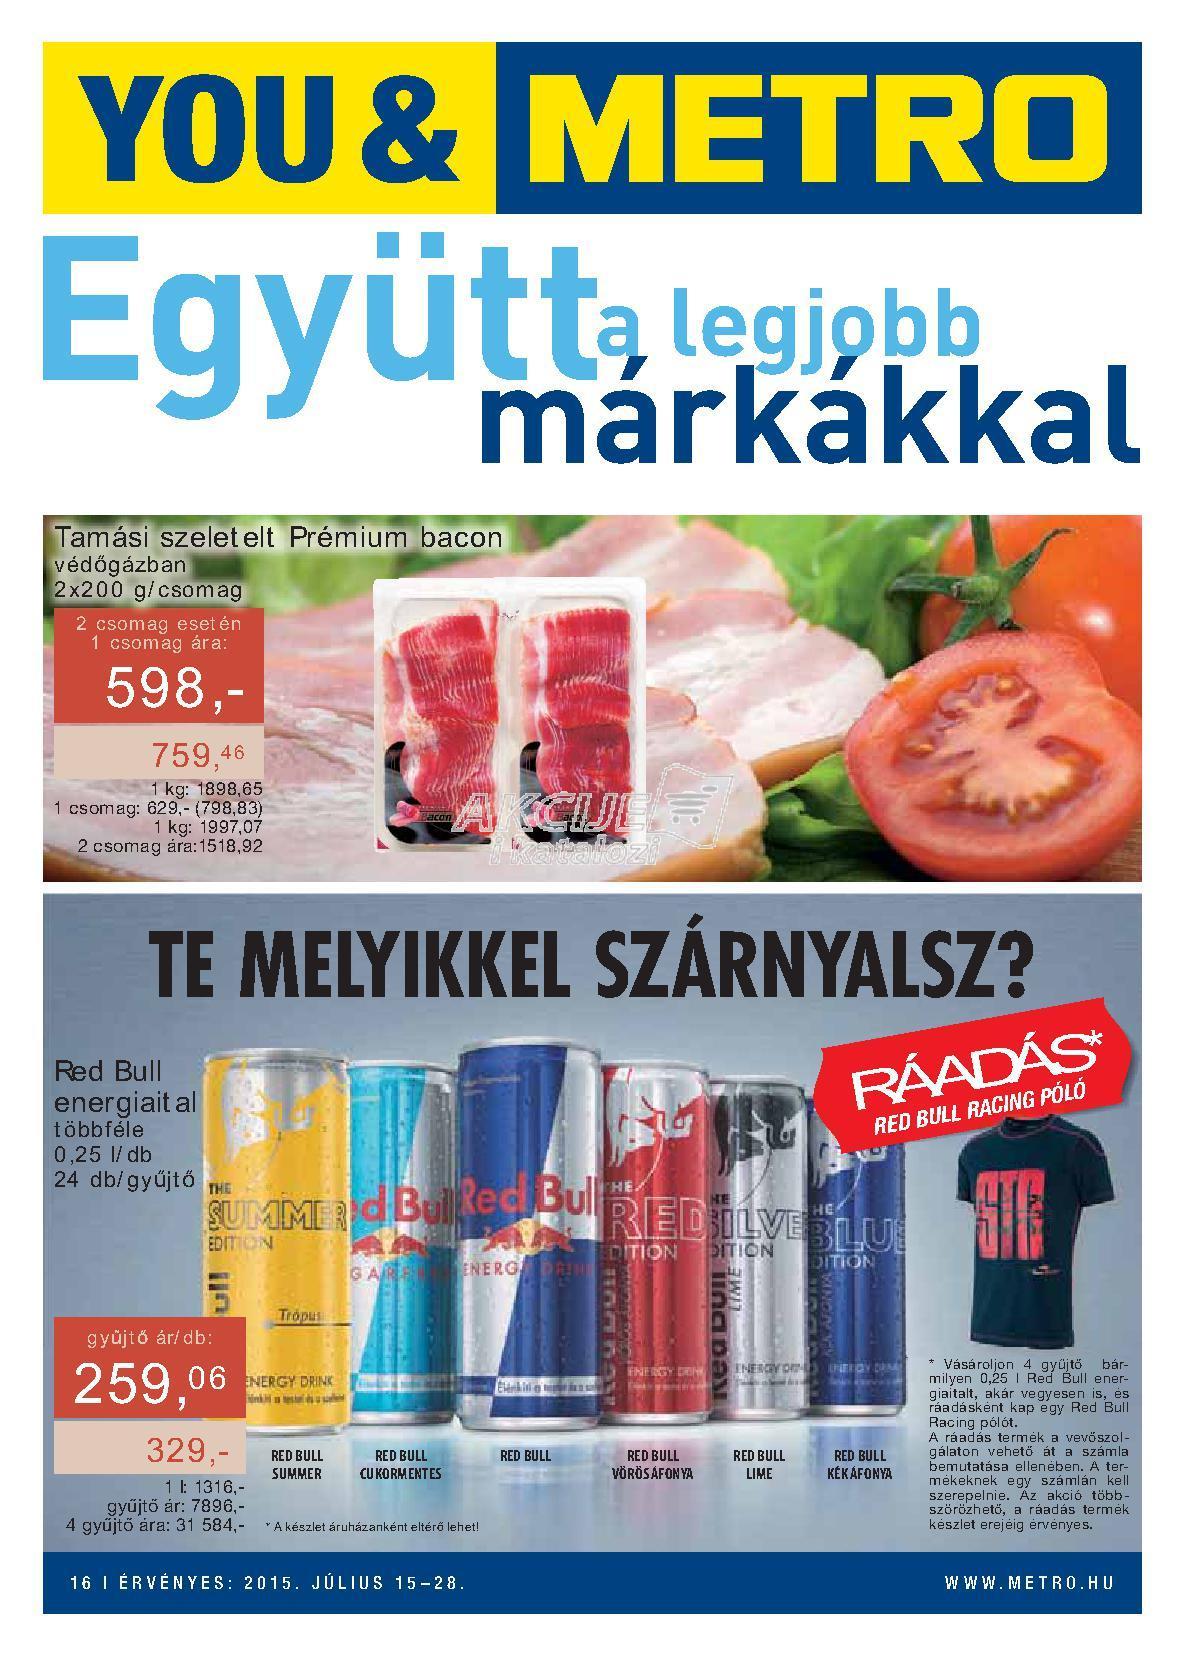 Metro Mađarska akcija super cene brendova